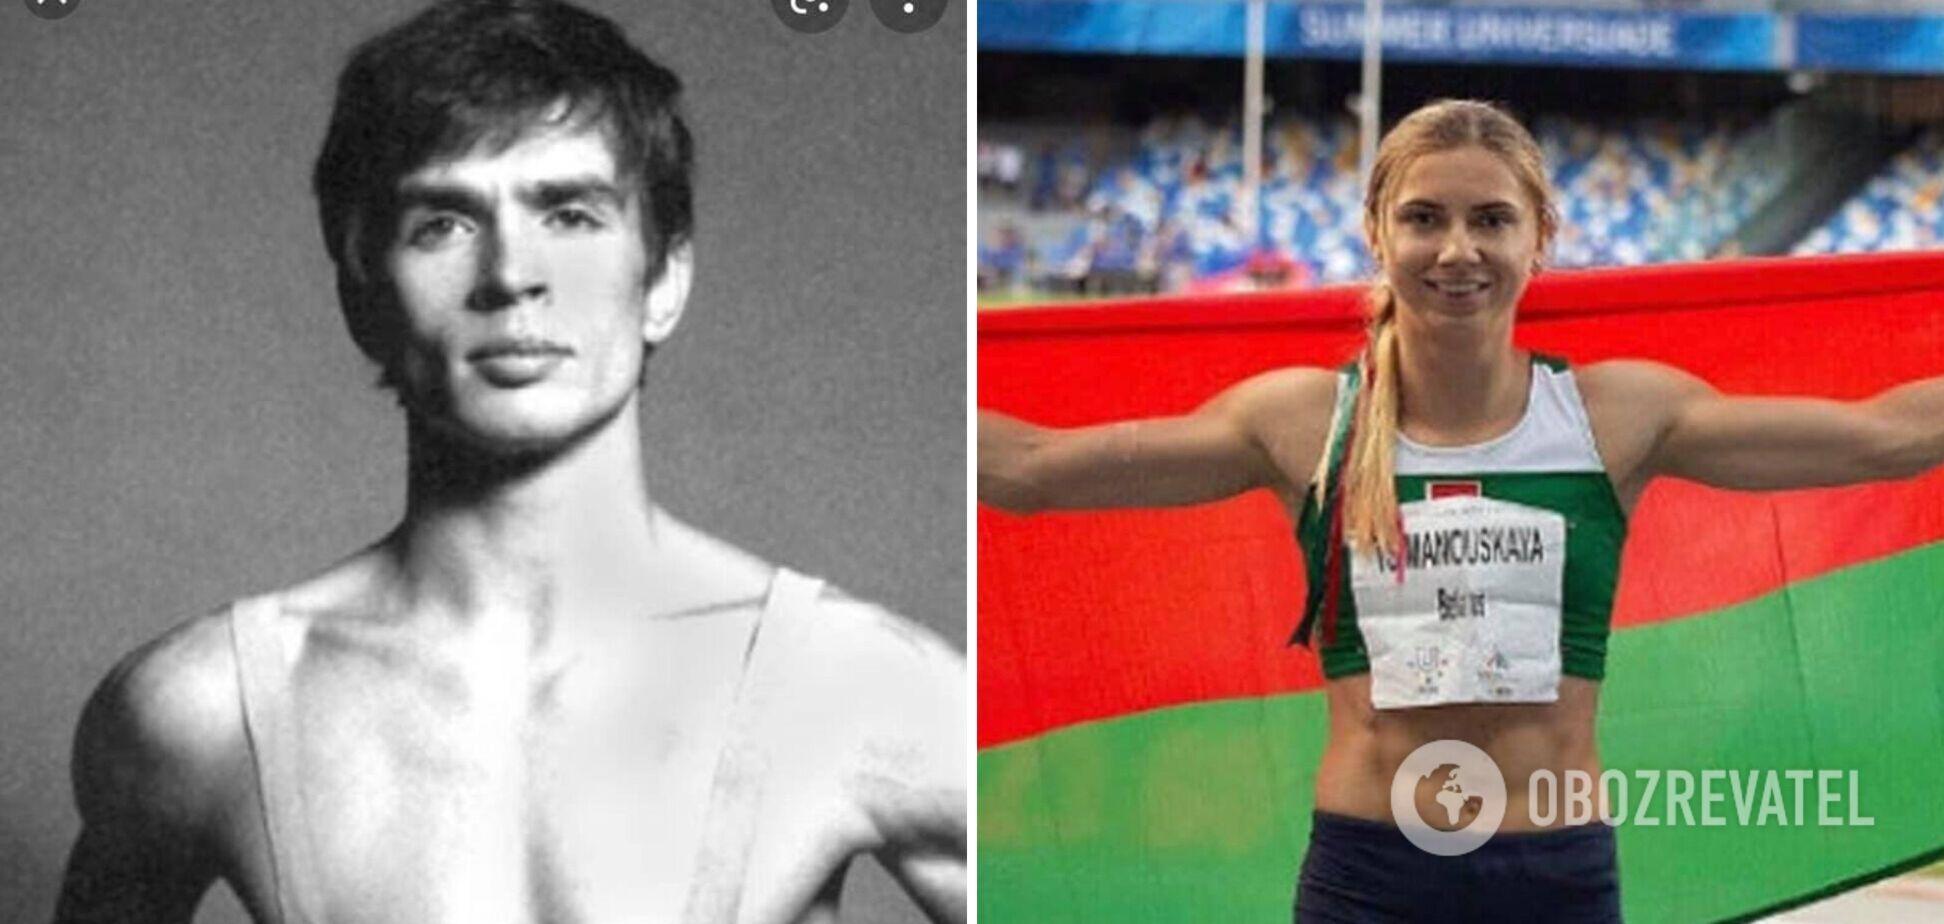 Белорусская легкоатлетка и Рудольф Нуриев: похожая история?